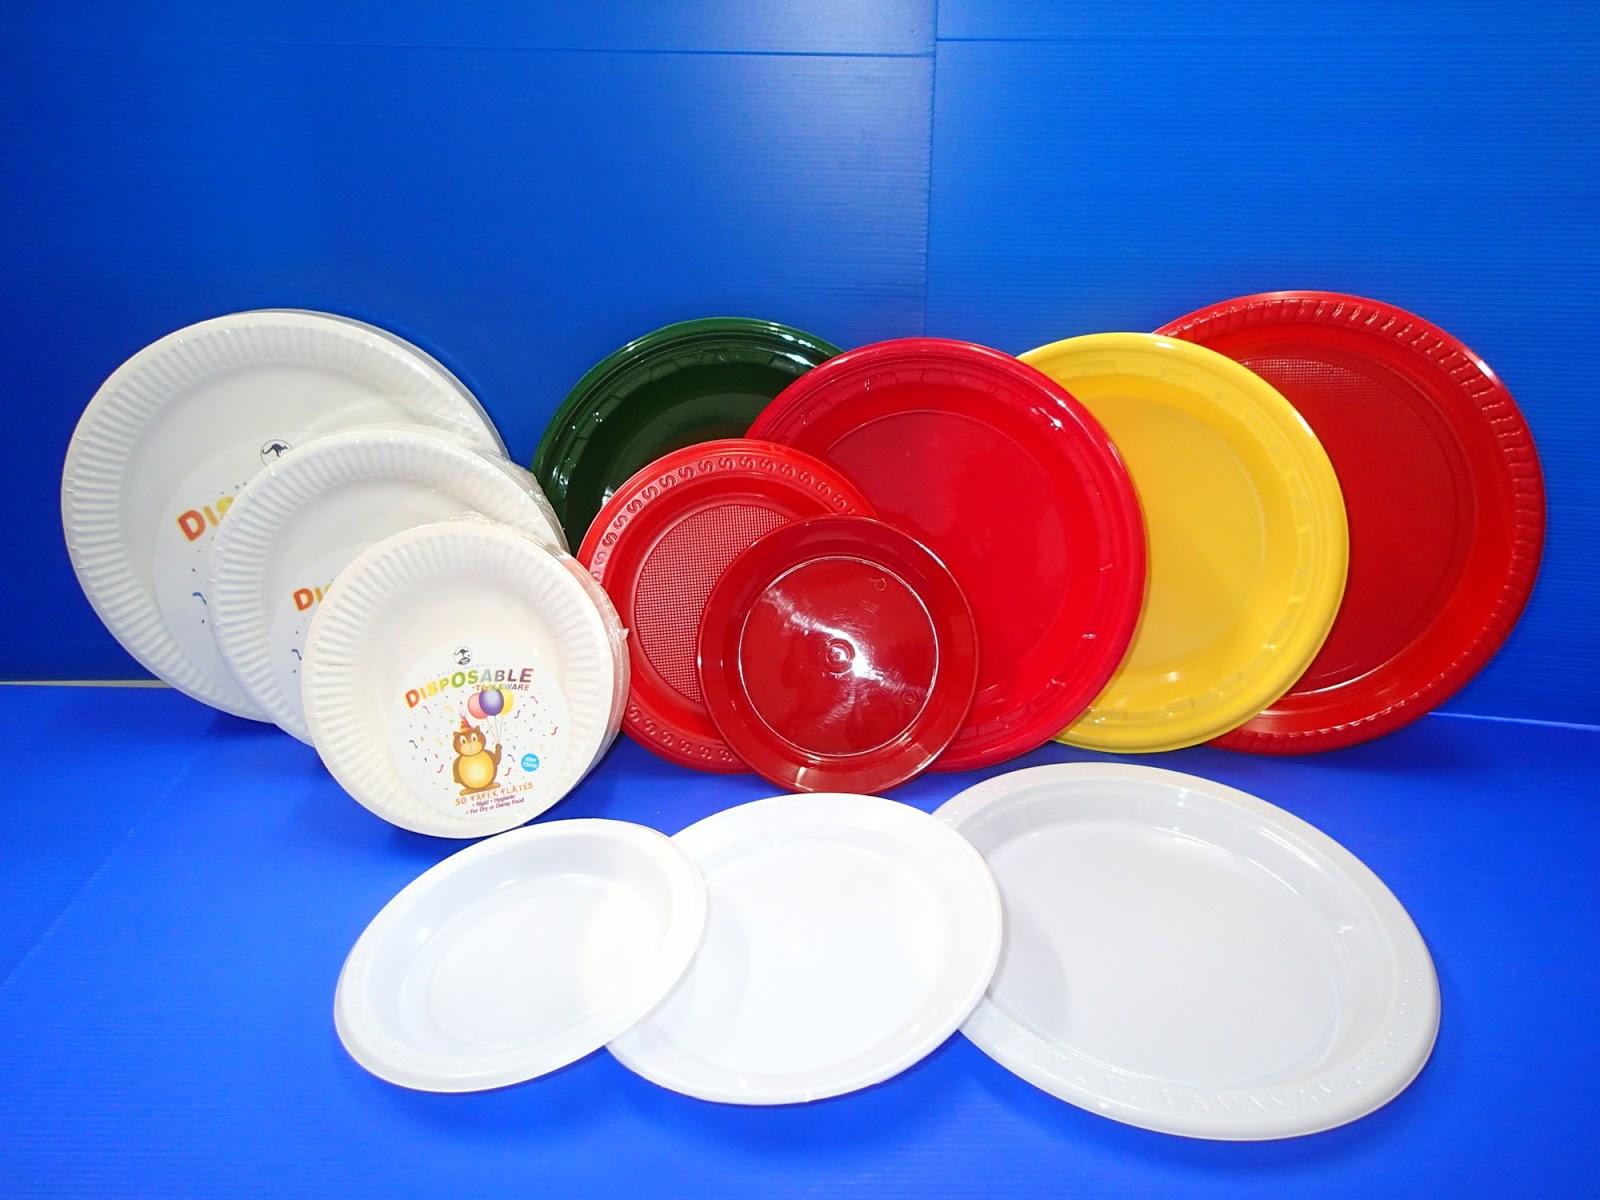 دليلك لأفضل أماكن بيع صحون بلاستيك بالجمله من تركيا معروف Maarof